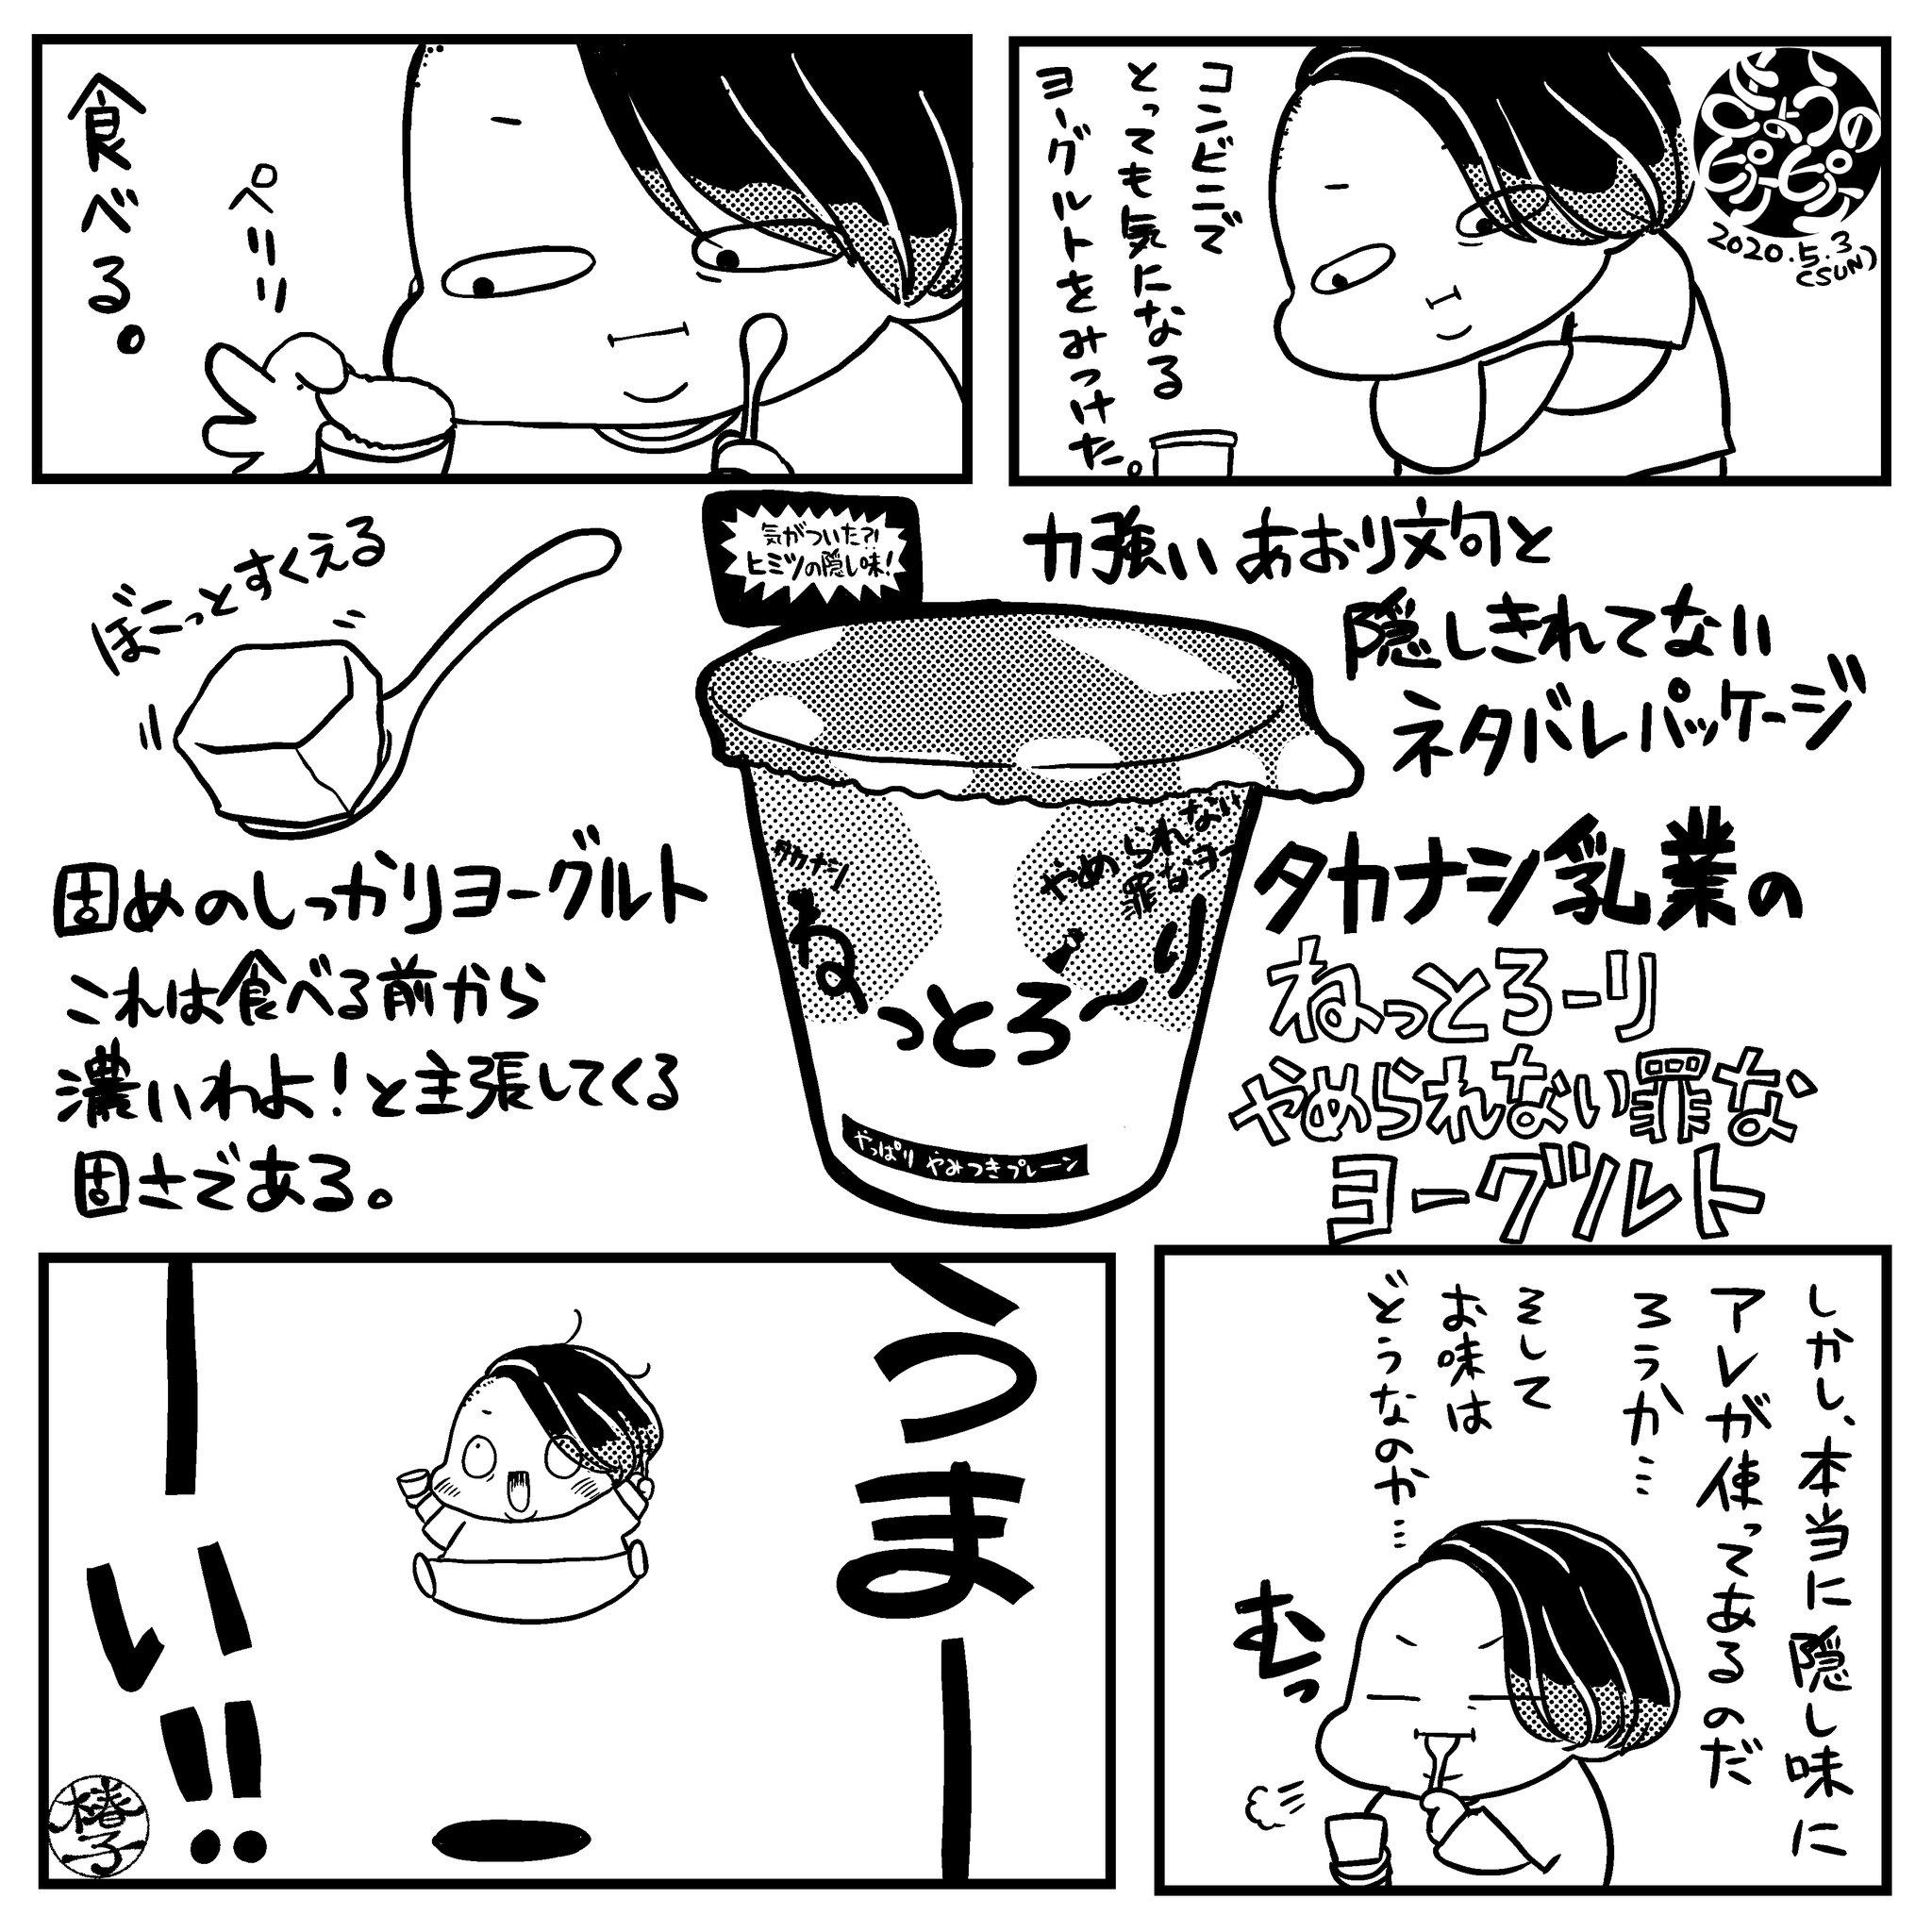 タカナシ乳業「ねっとろーりやめられない罪なヨーグルト」